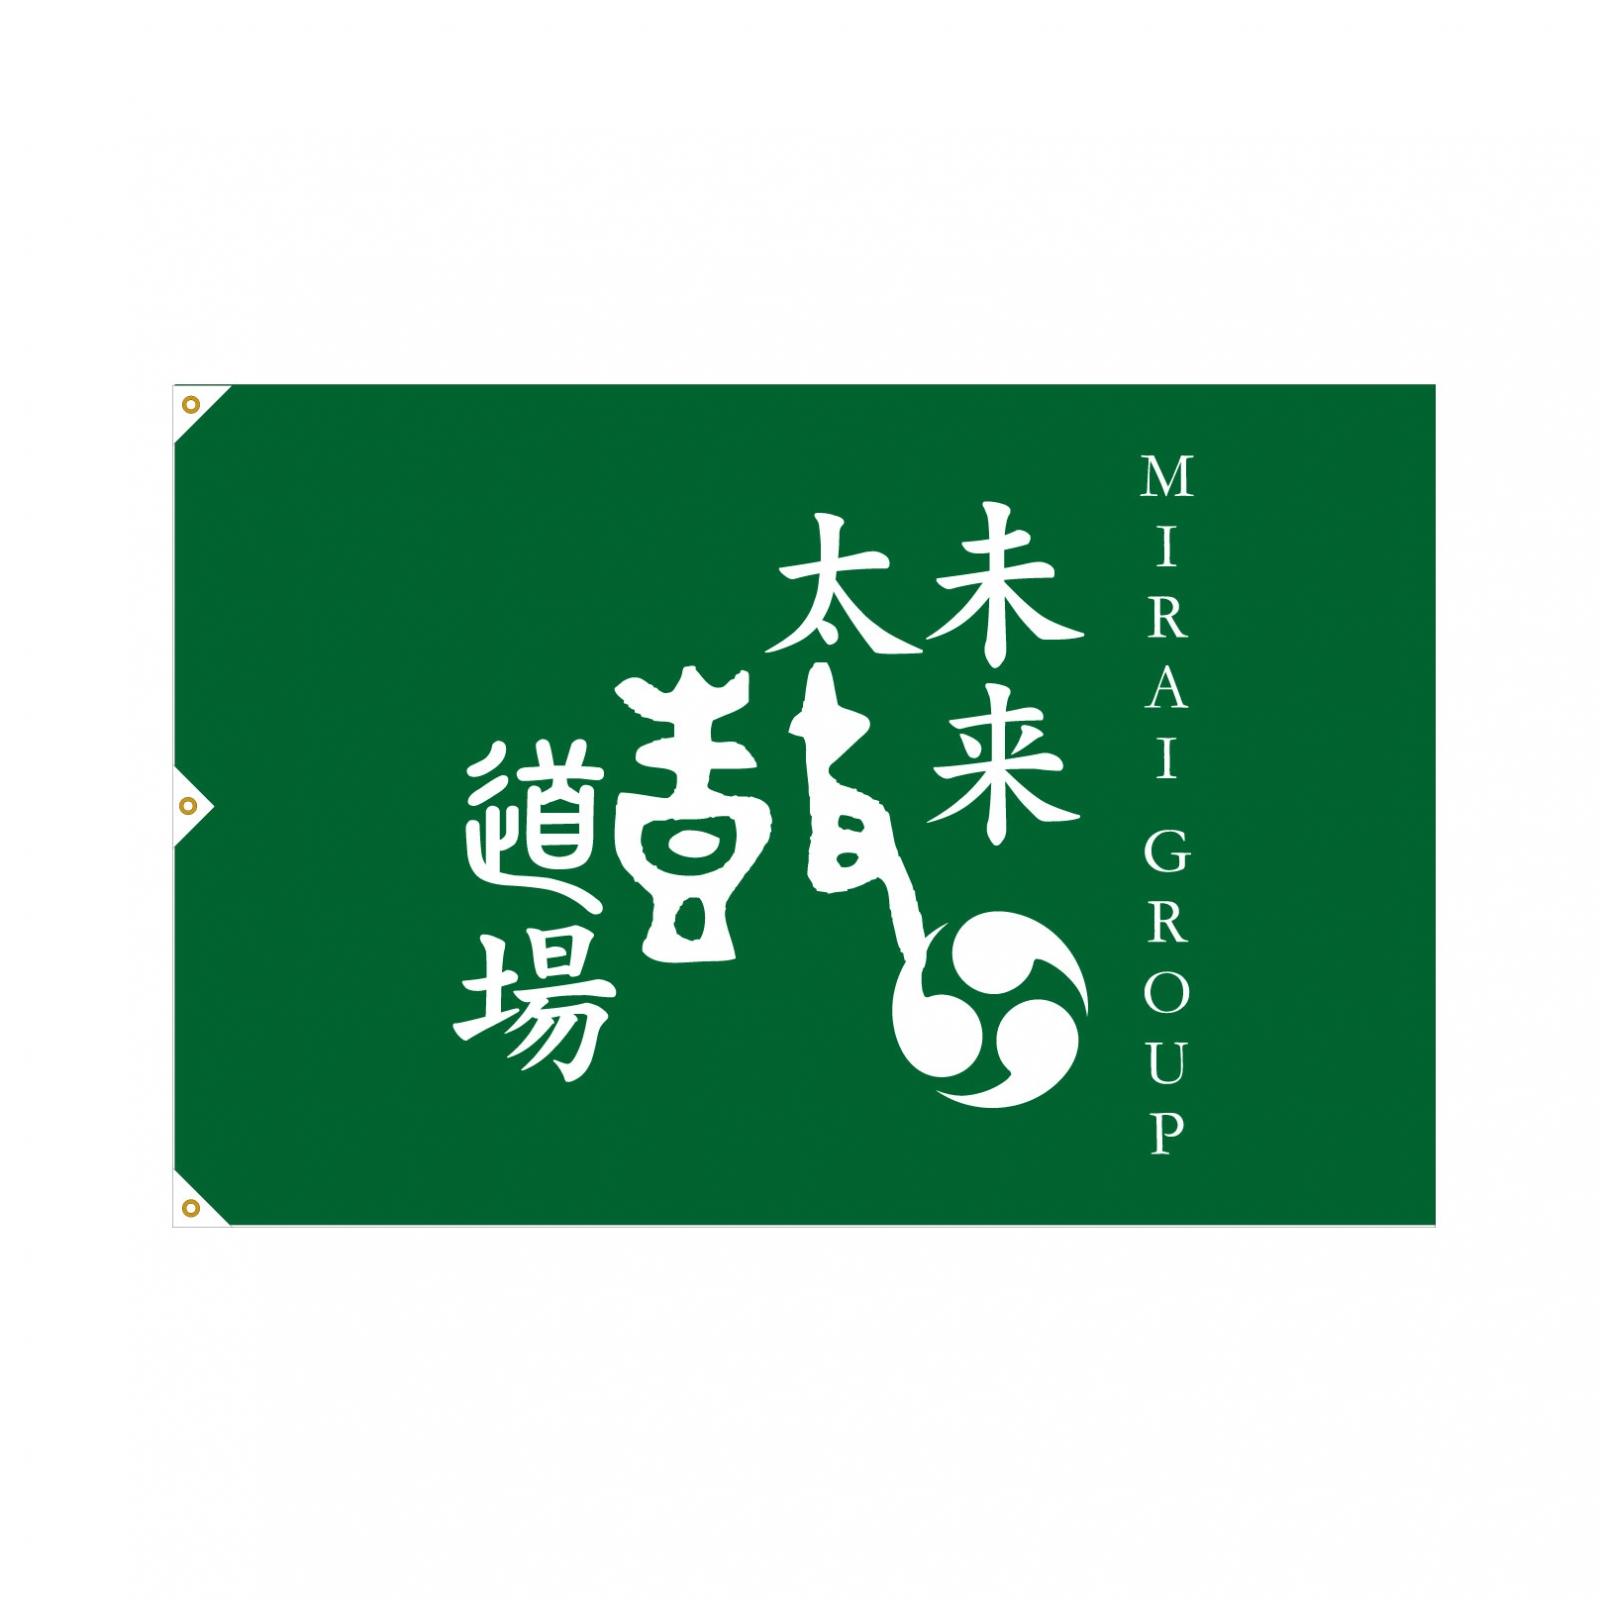 太鼓道場の団旗